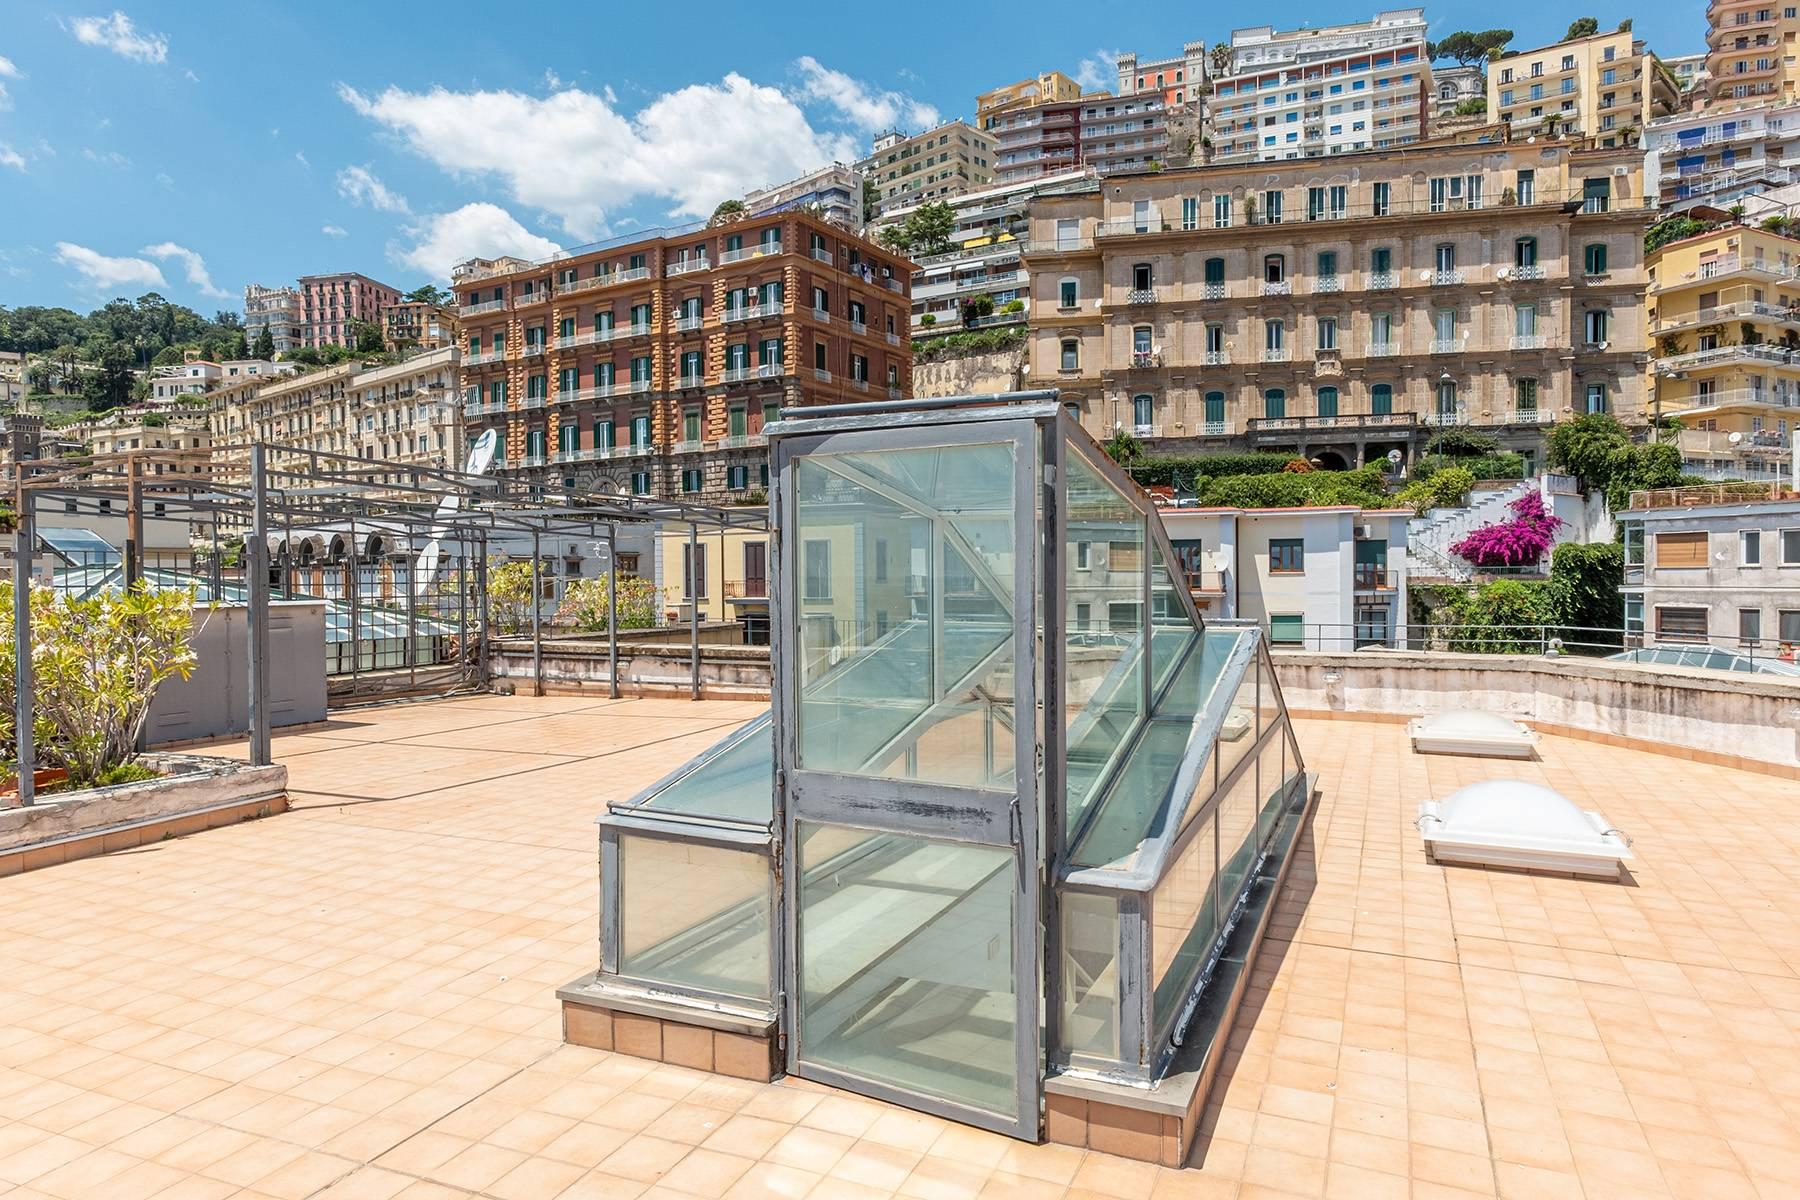 Attico in Vendita a Napoli: 5 locali, 160 mq - Foto 21